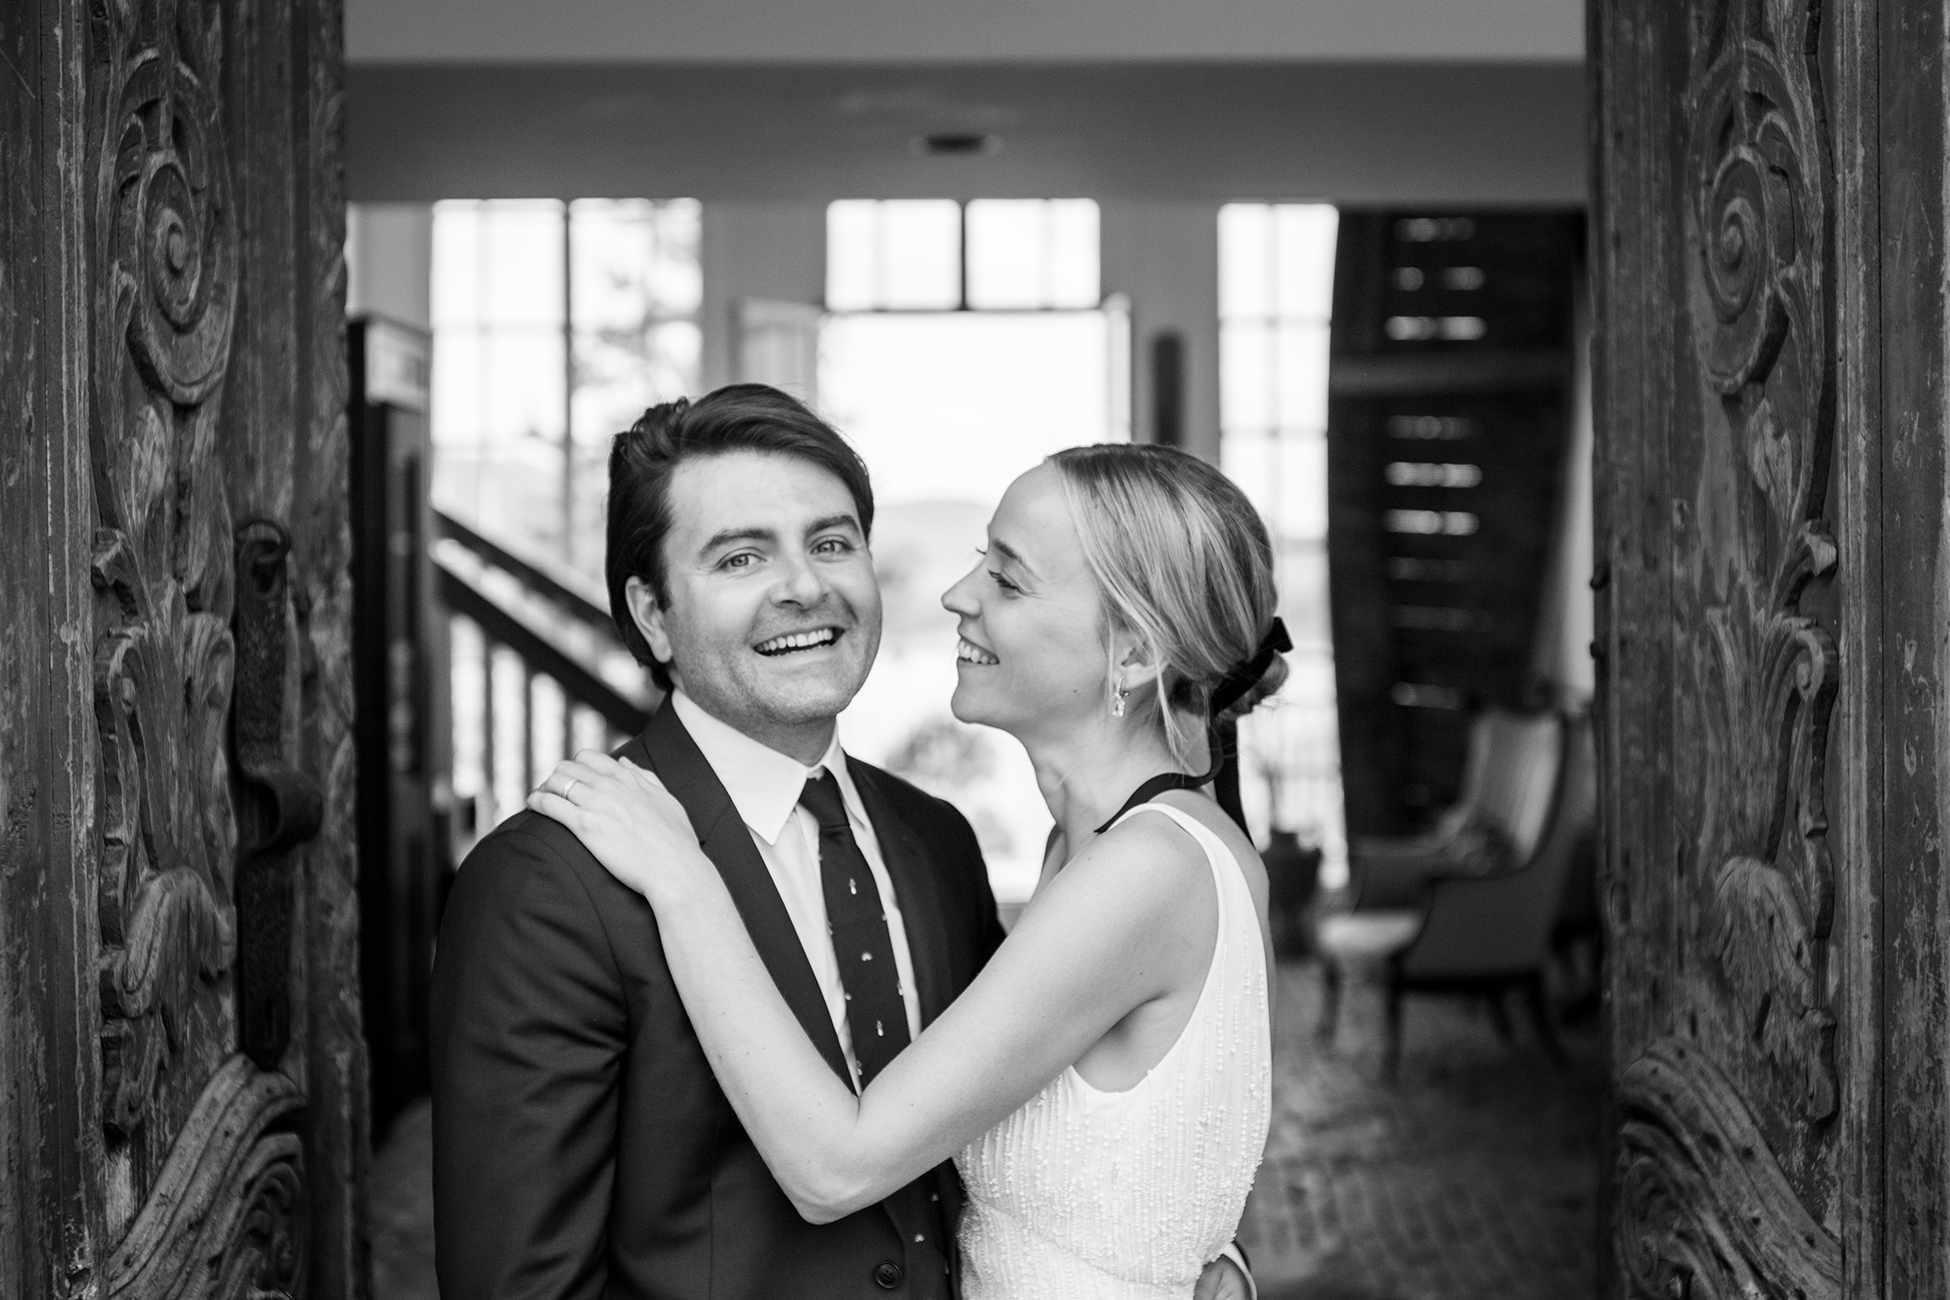 <p>bride looking at groom smiling happy</p><br><br>